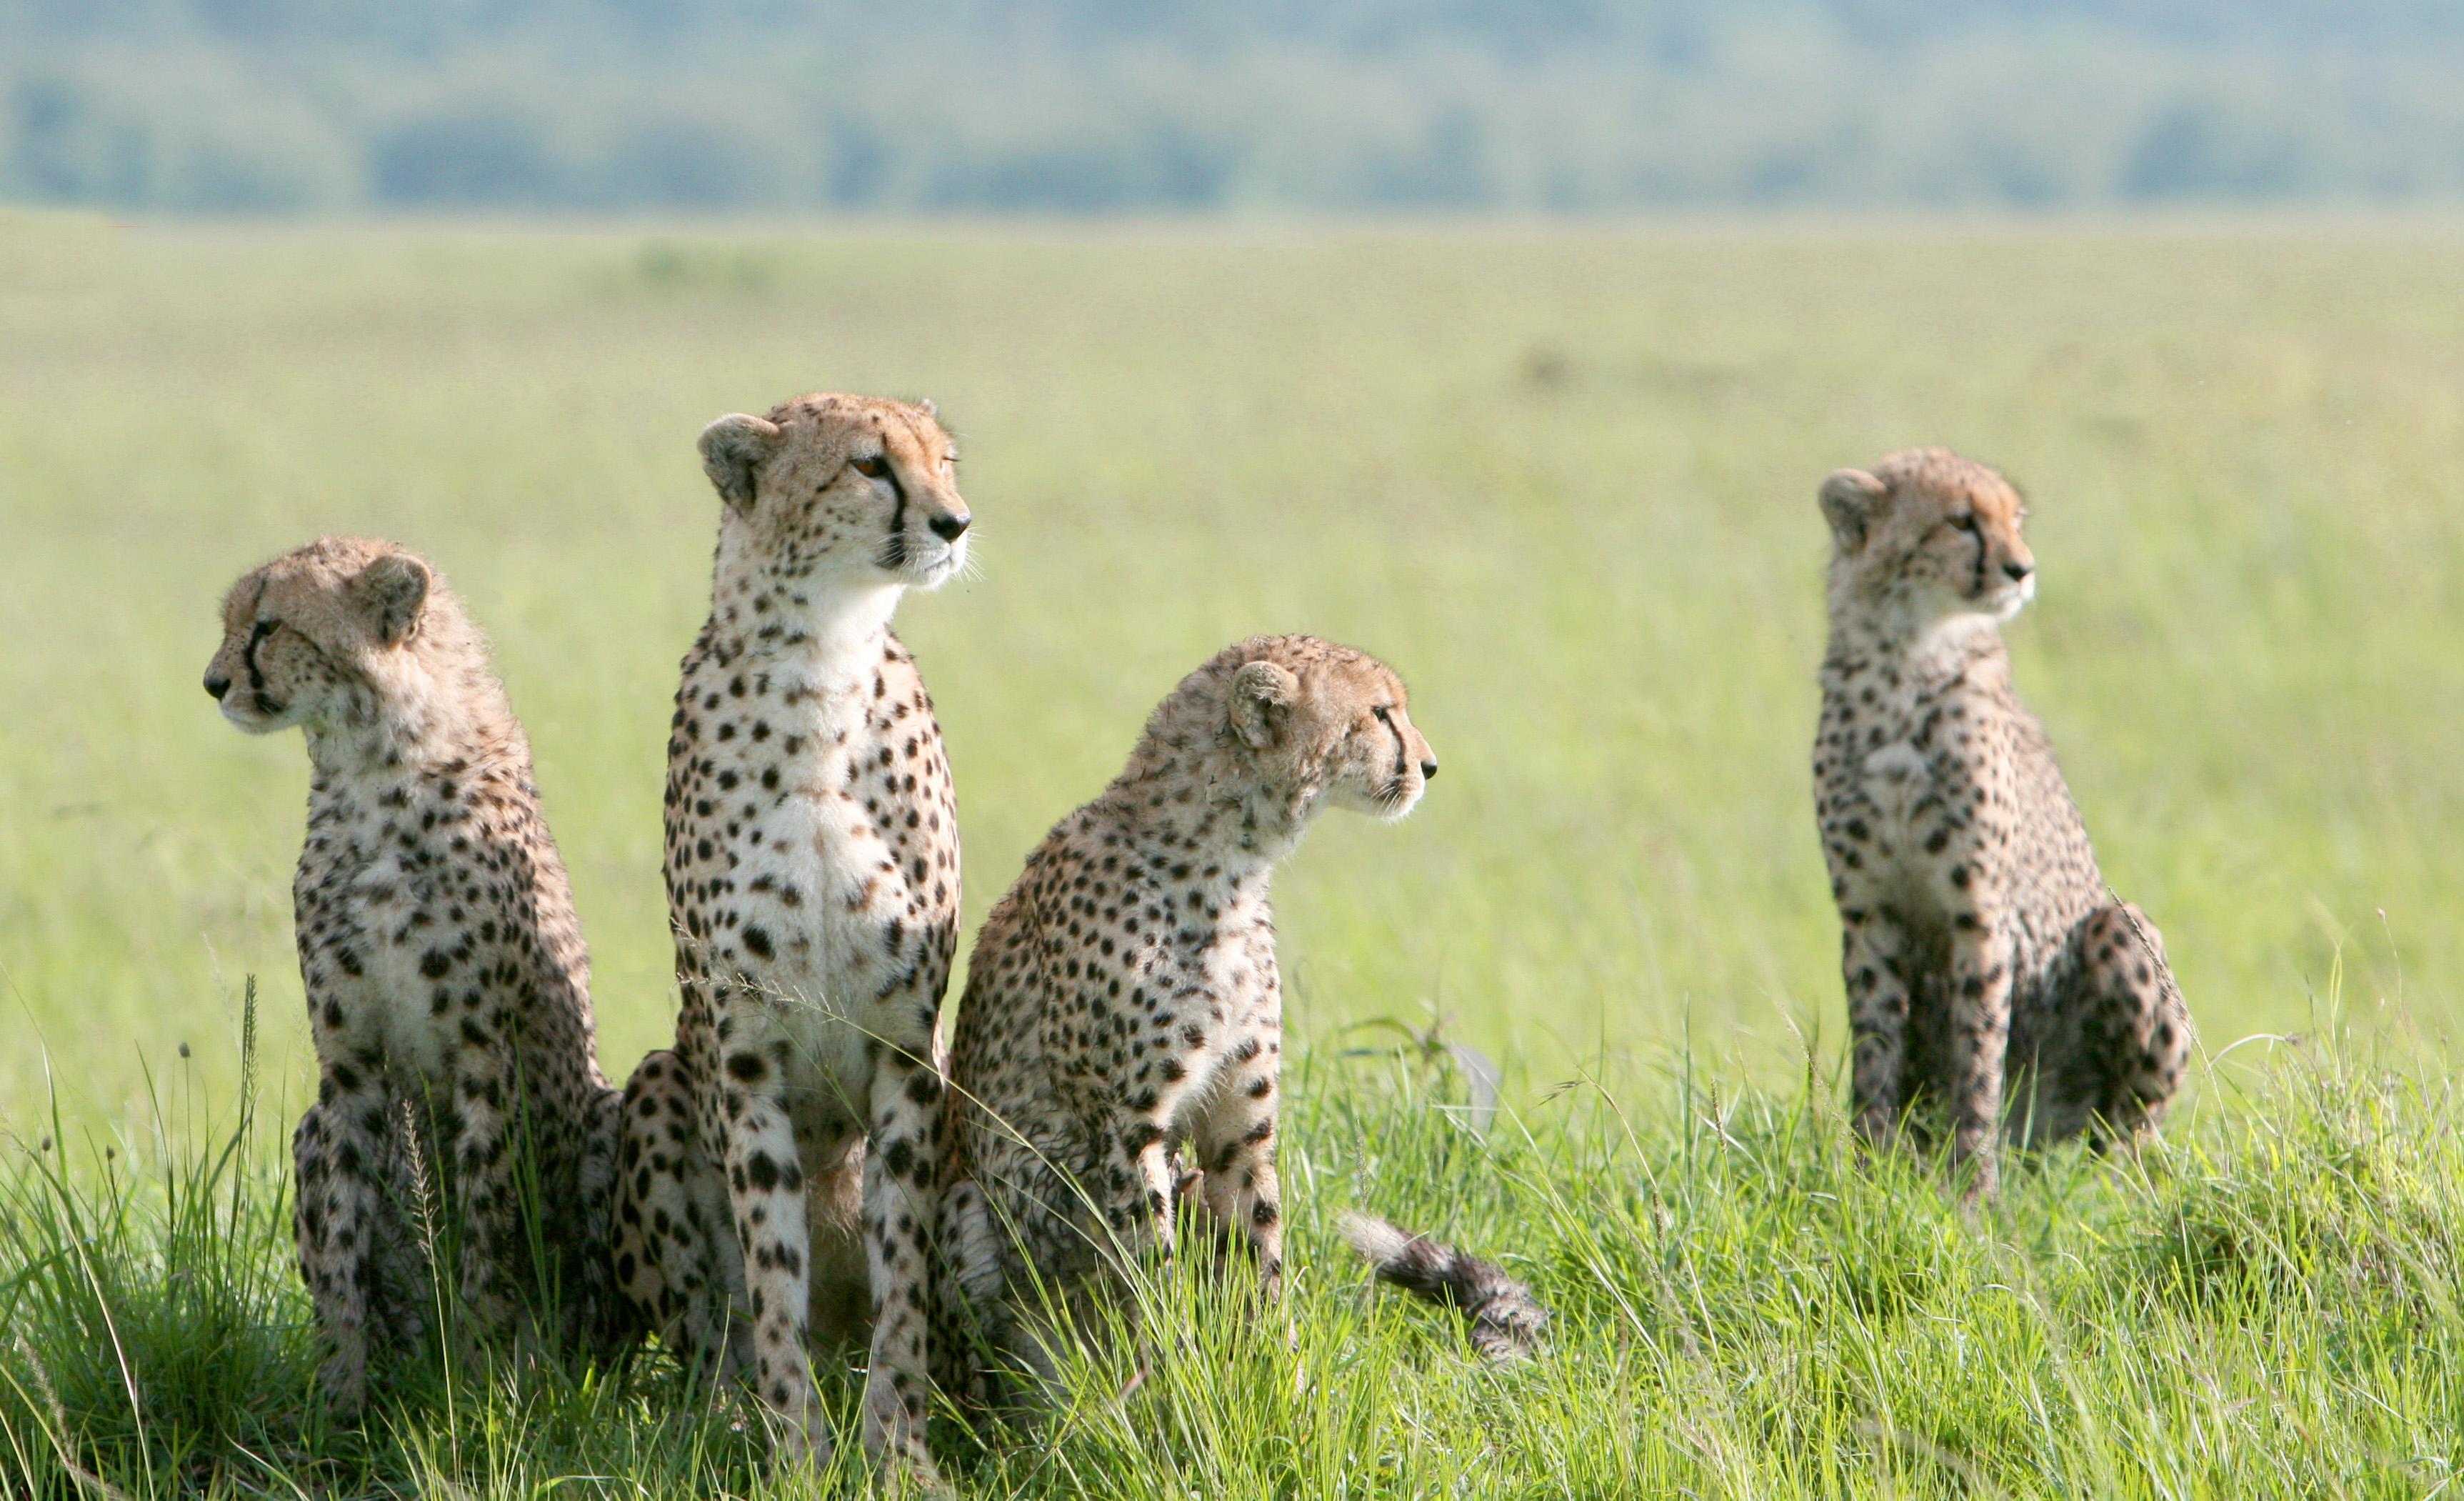 東非肯亞百萬動物大遷徙奇觀   我愛肯亞